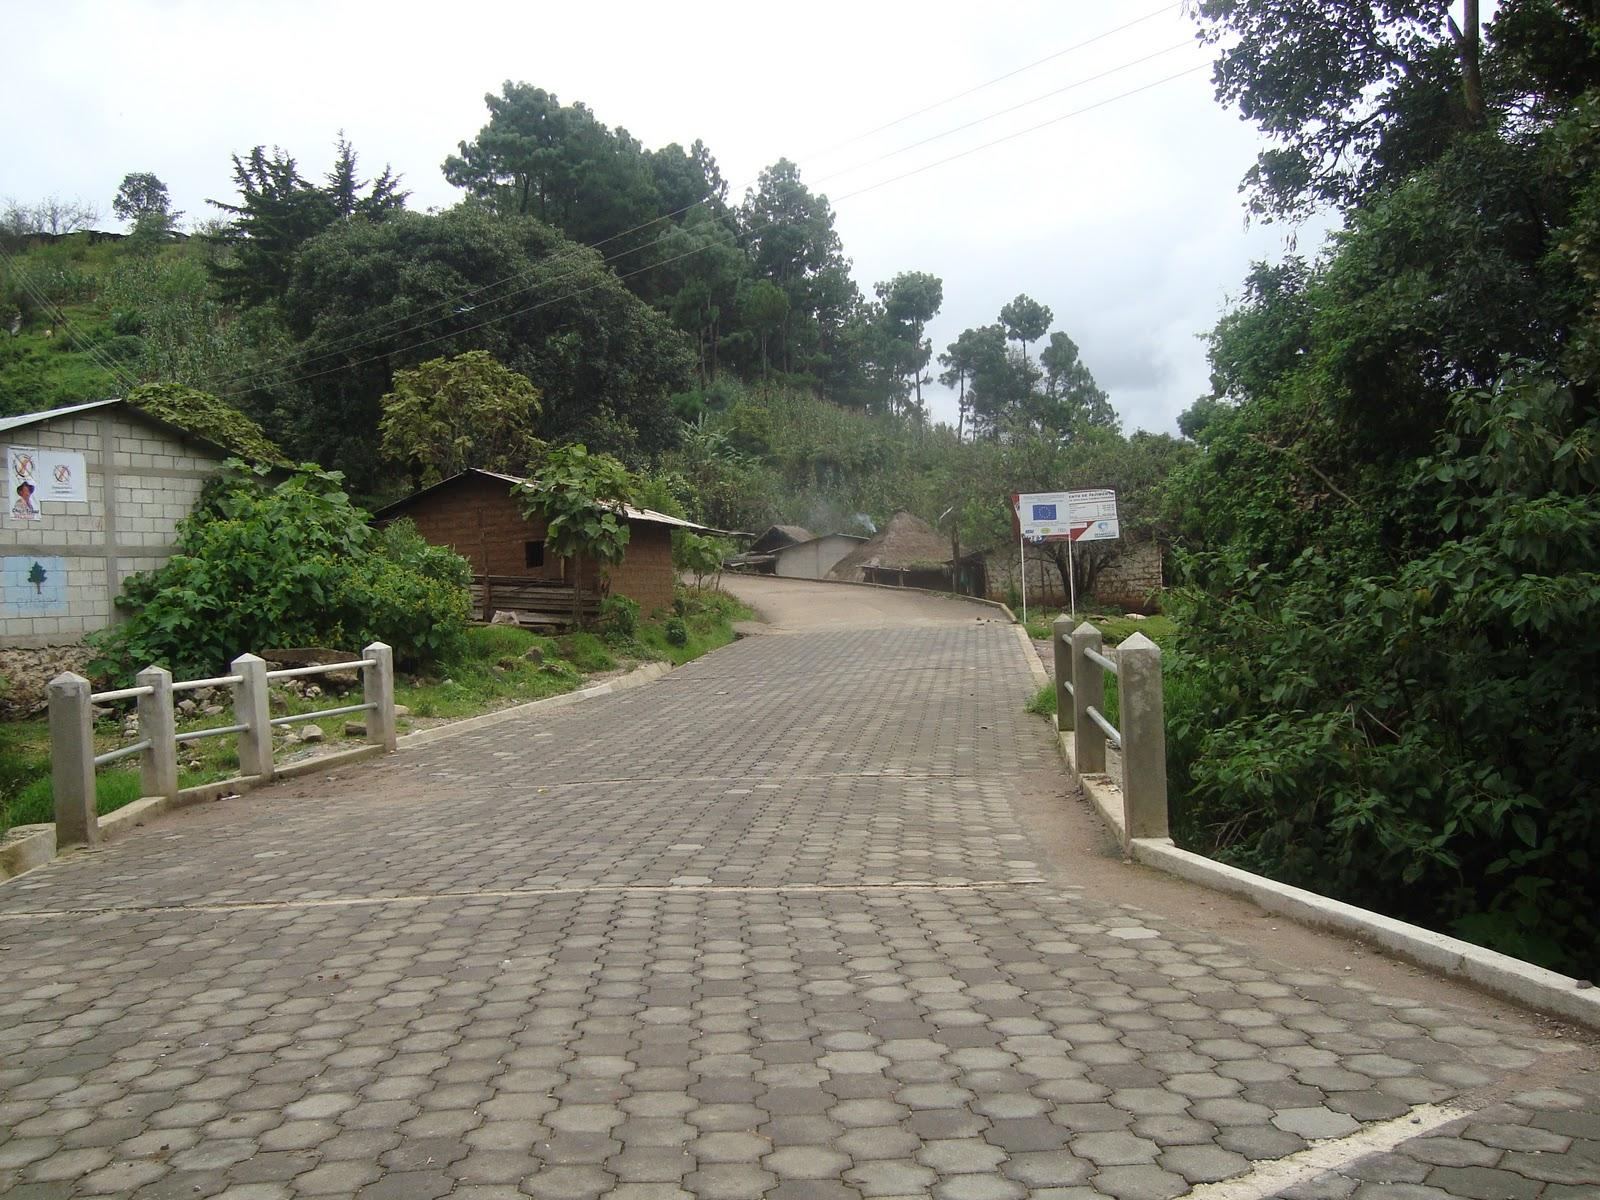 Municipalidad de santa apolonia chimaltenango for Adoquin para estacionamiento